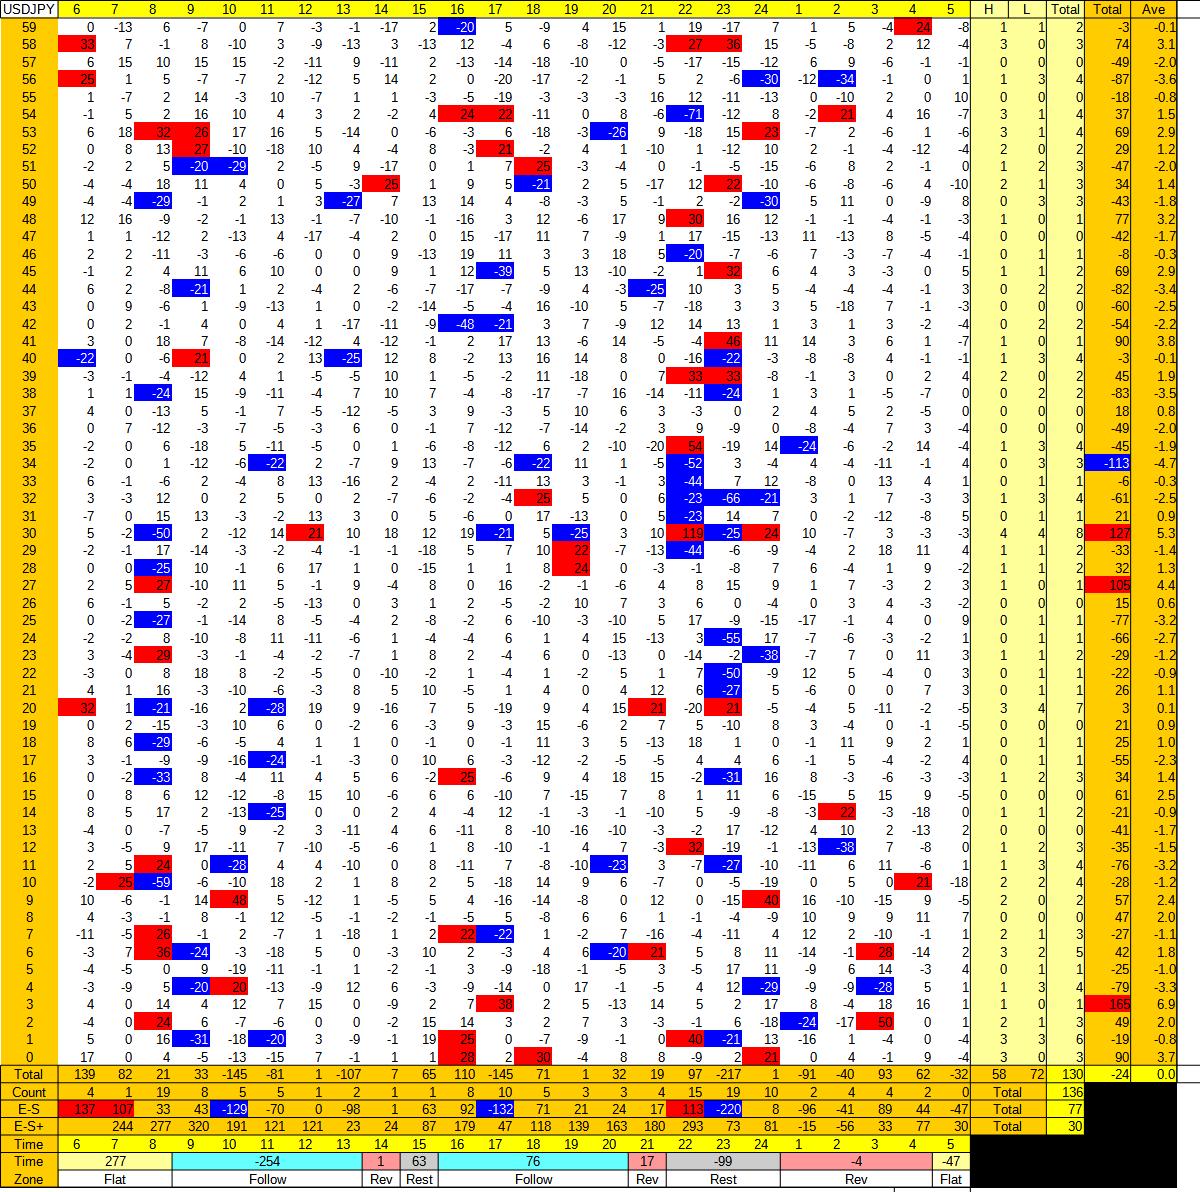 20210217_HS(1)USDJPY